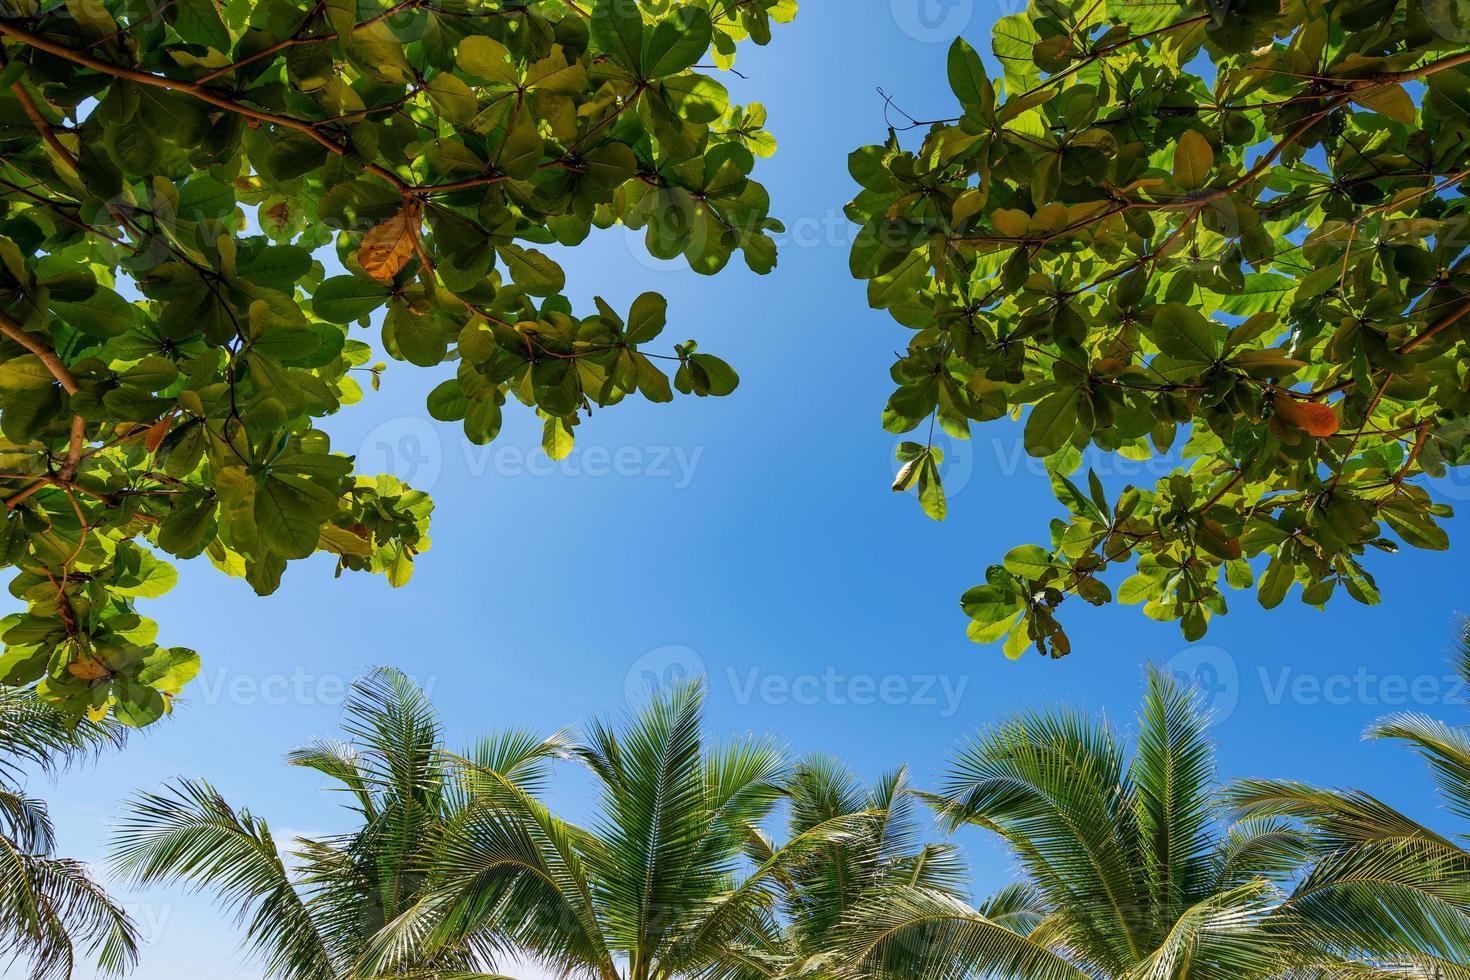 vista inferior para folha de palmeiras tropicais foto